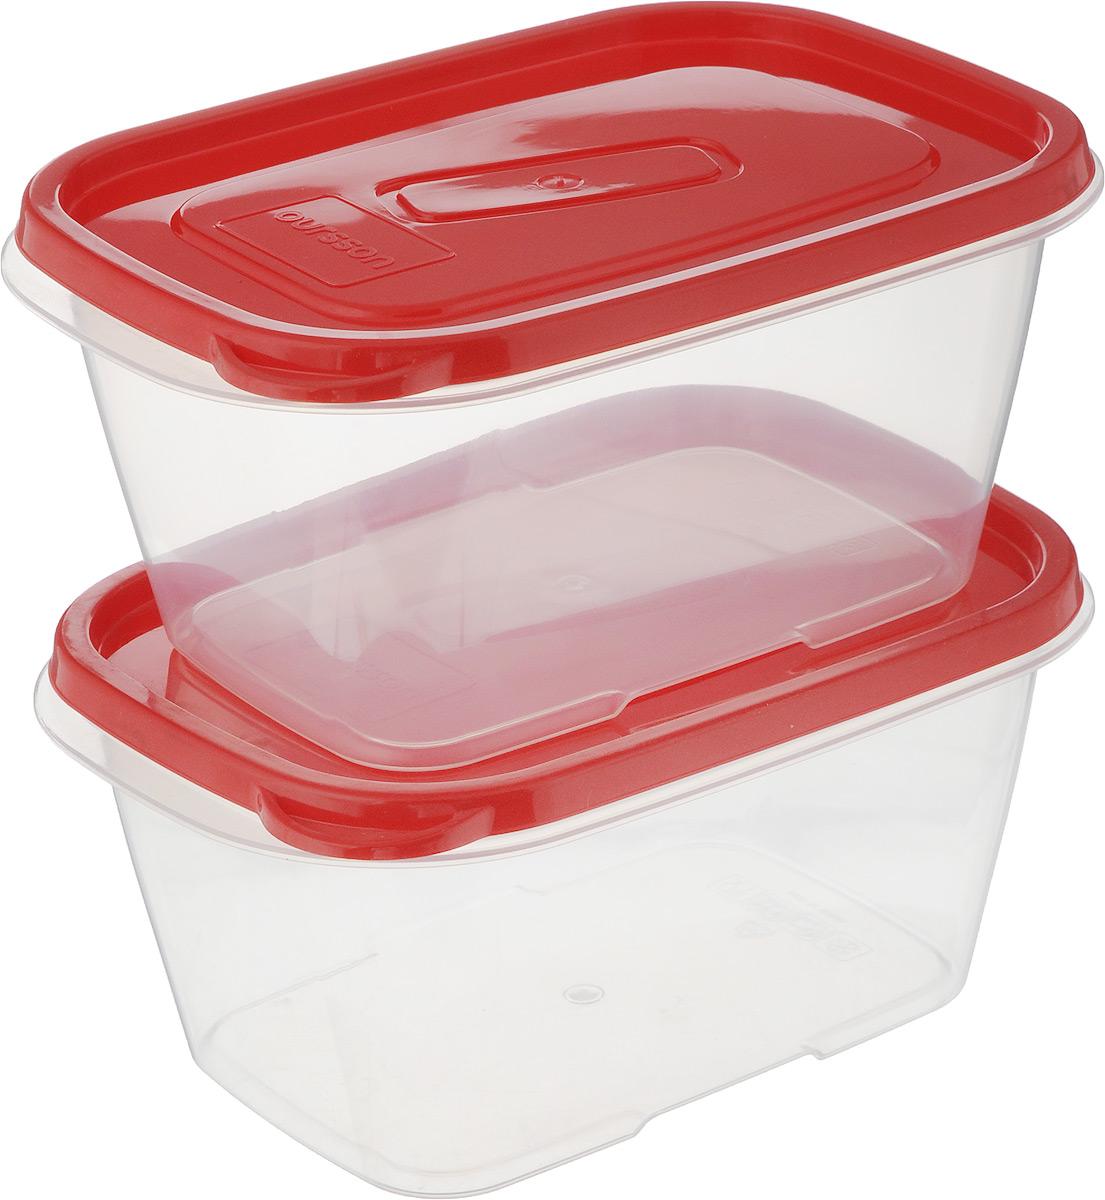 Набор контейнеров Oursson, прямоугольные, 1,1 л, 2 штCP2283S/RDНабор Oursson состоит из двух контейнеров, которые изготовлены из высококачественного пластика. Изделие идеально подходит не только для хранения, но и для транспортировки пищи. Контейнеры оснащены плотно закрывающимися крышками. Выдерживают температуру от -24°С до +125°С. Можно использовать в СВЧ-печах, холодильниках и морозильных камерах. Можно мыть в посудомоечной машине. Размер контейнера (без учета крышки): 19 х 13 см. Высота контейнера (без учета крышки): 8,5 см. Объем контейнера: 1,1 л.